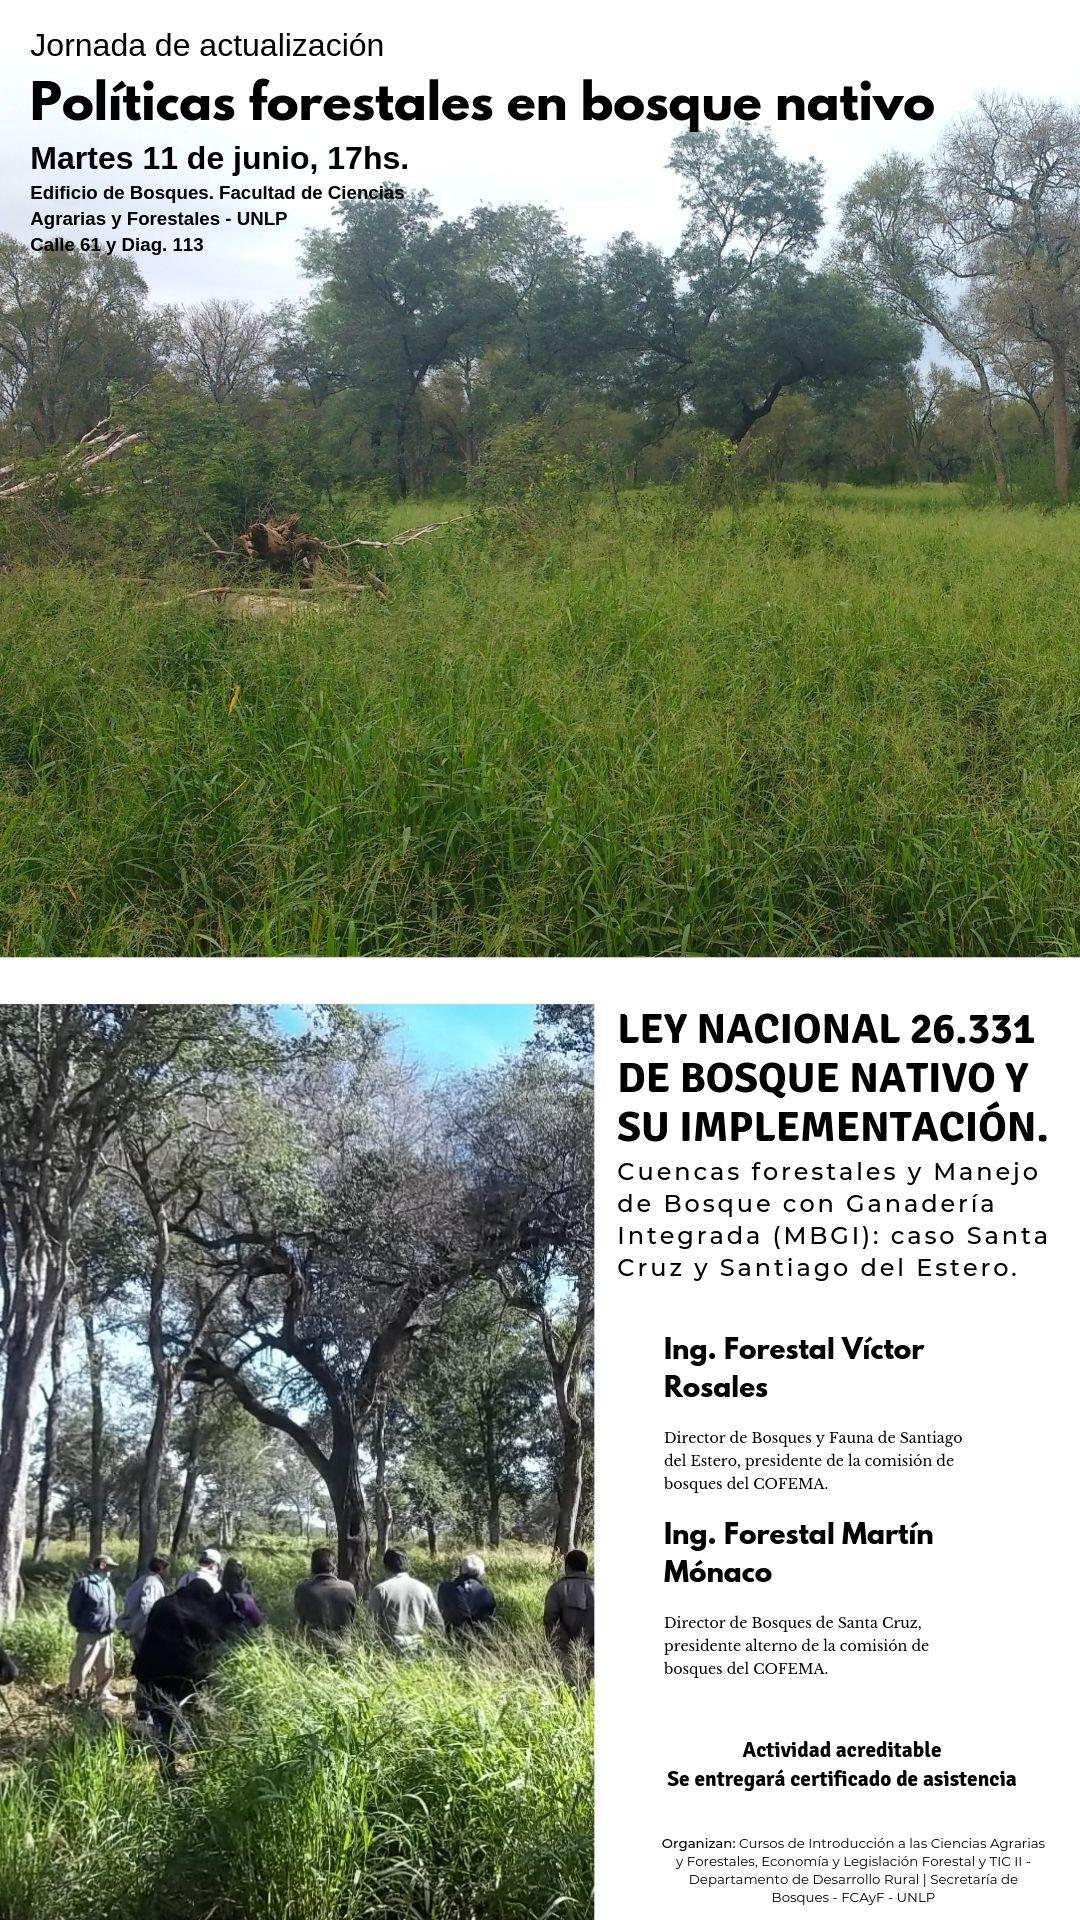 Charlas sobre Políticas Forestales en bosques nativos